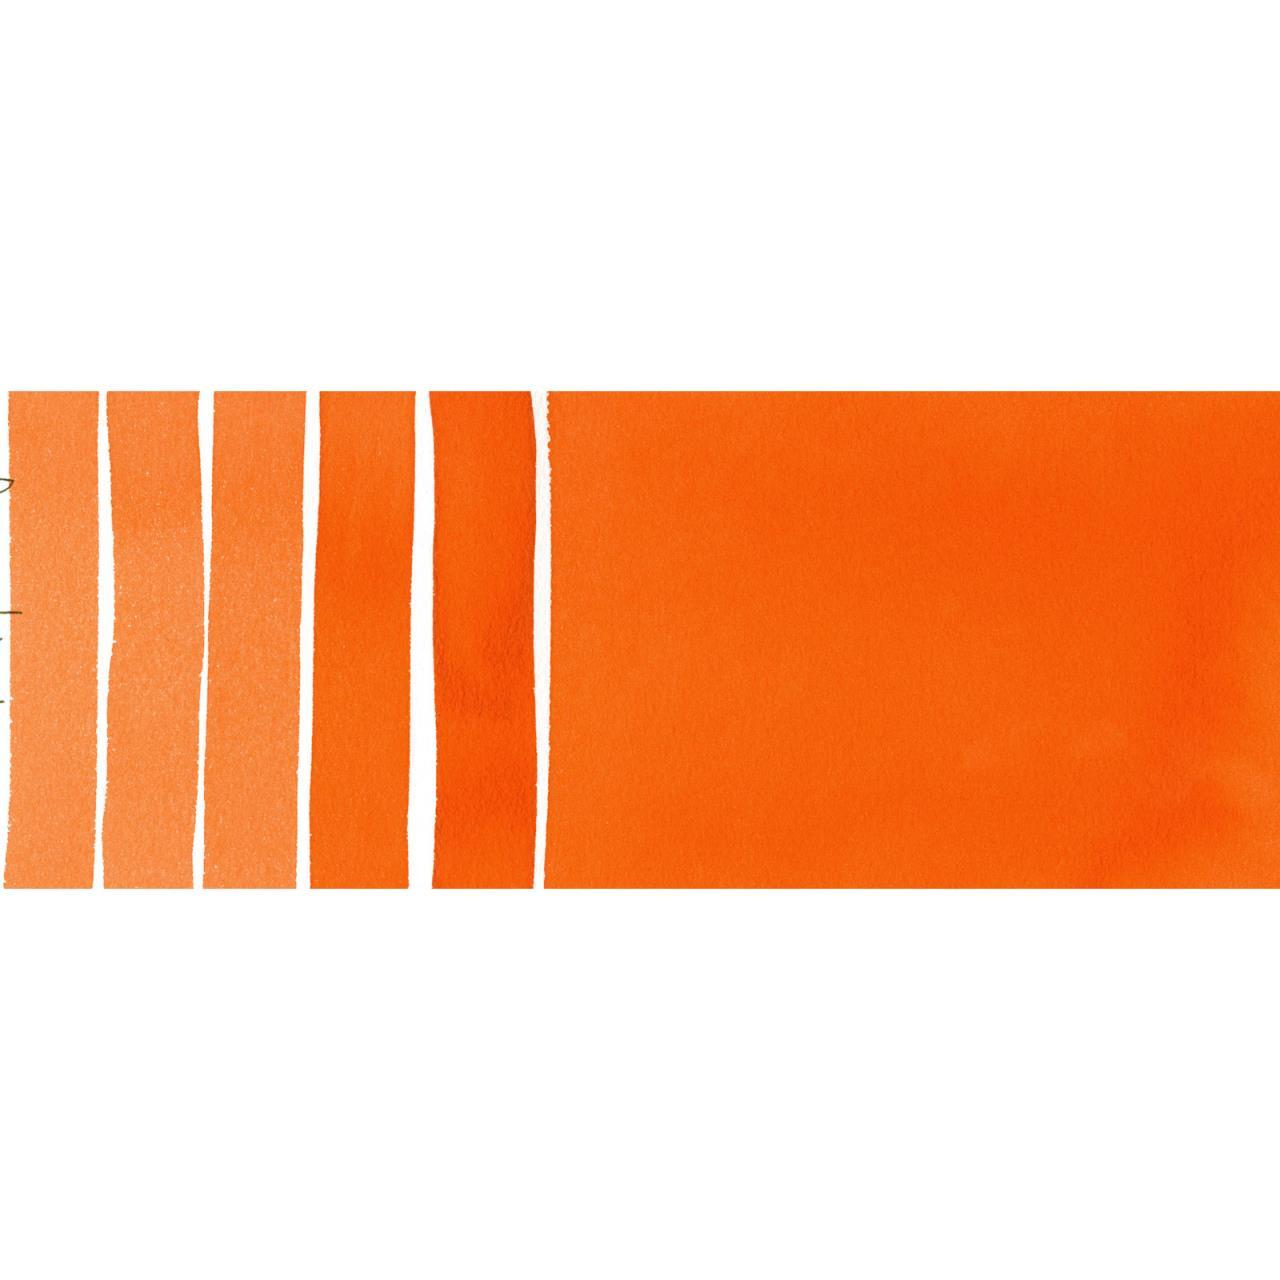 Perinone Orange, DANIEL SMITH Extra Fine Watercolors 5ml Tubes -